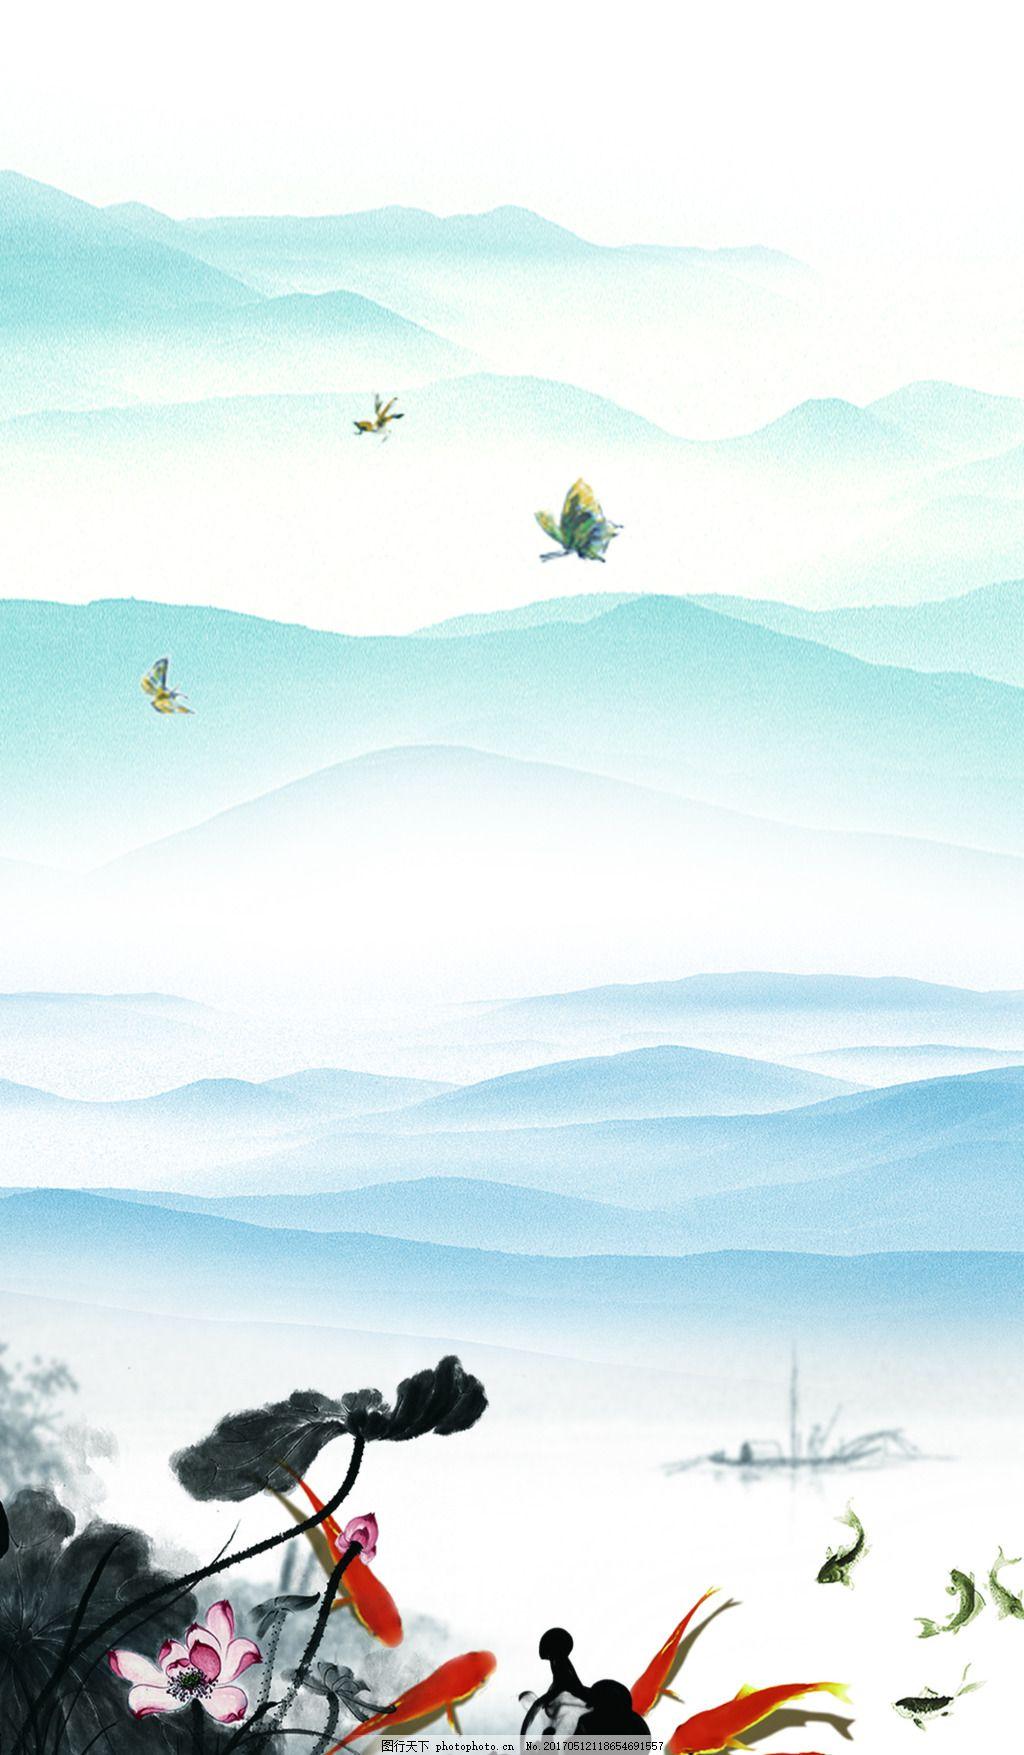 古风远山荷花展板背景素材 蓝色背景展板远山荷花 荷叶 鱼 荷花素材图片